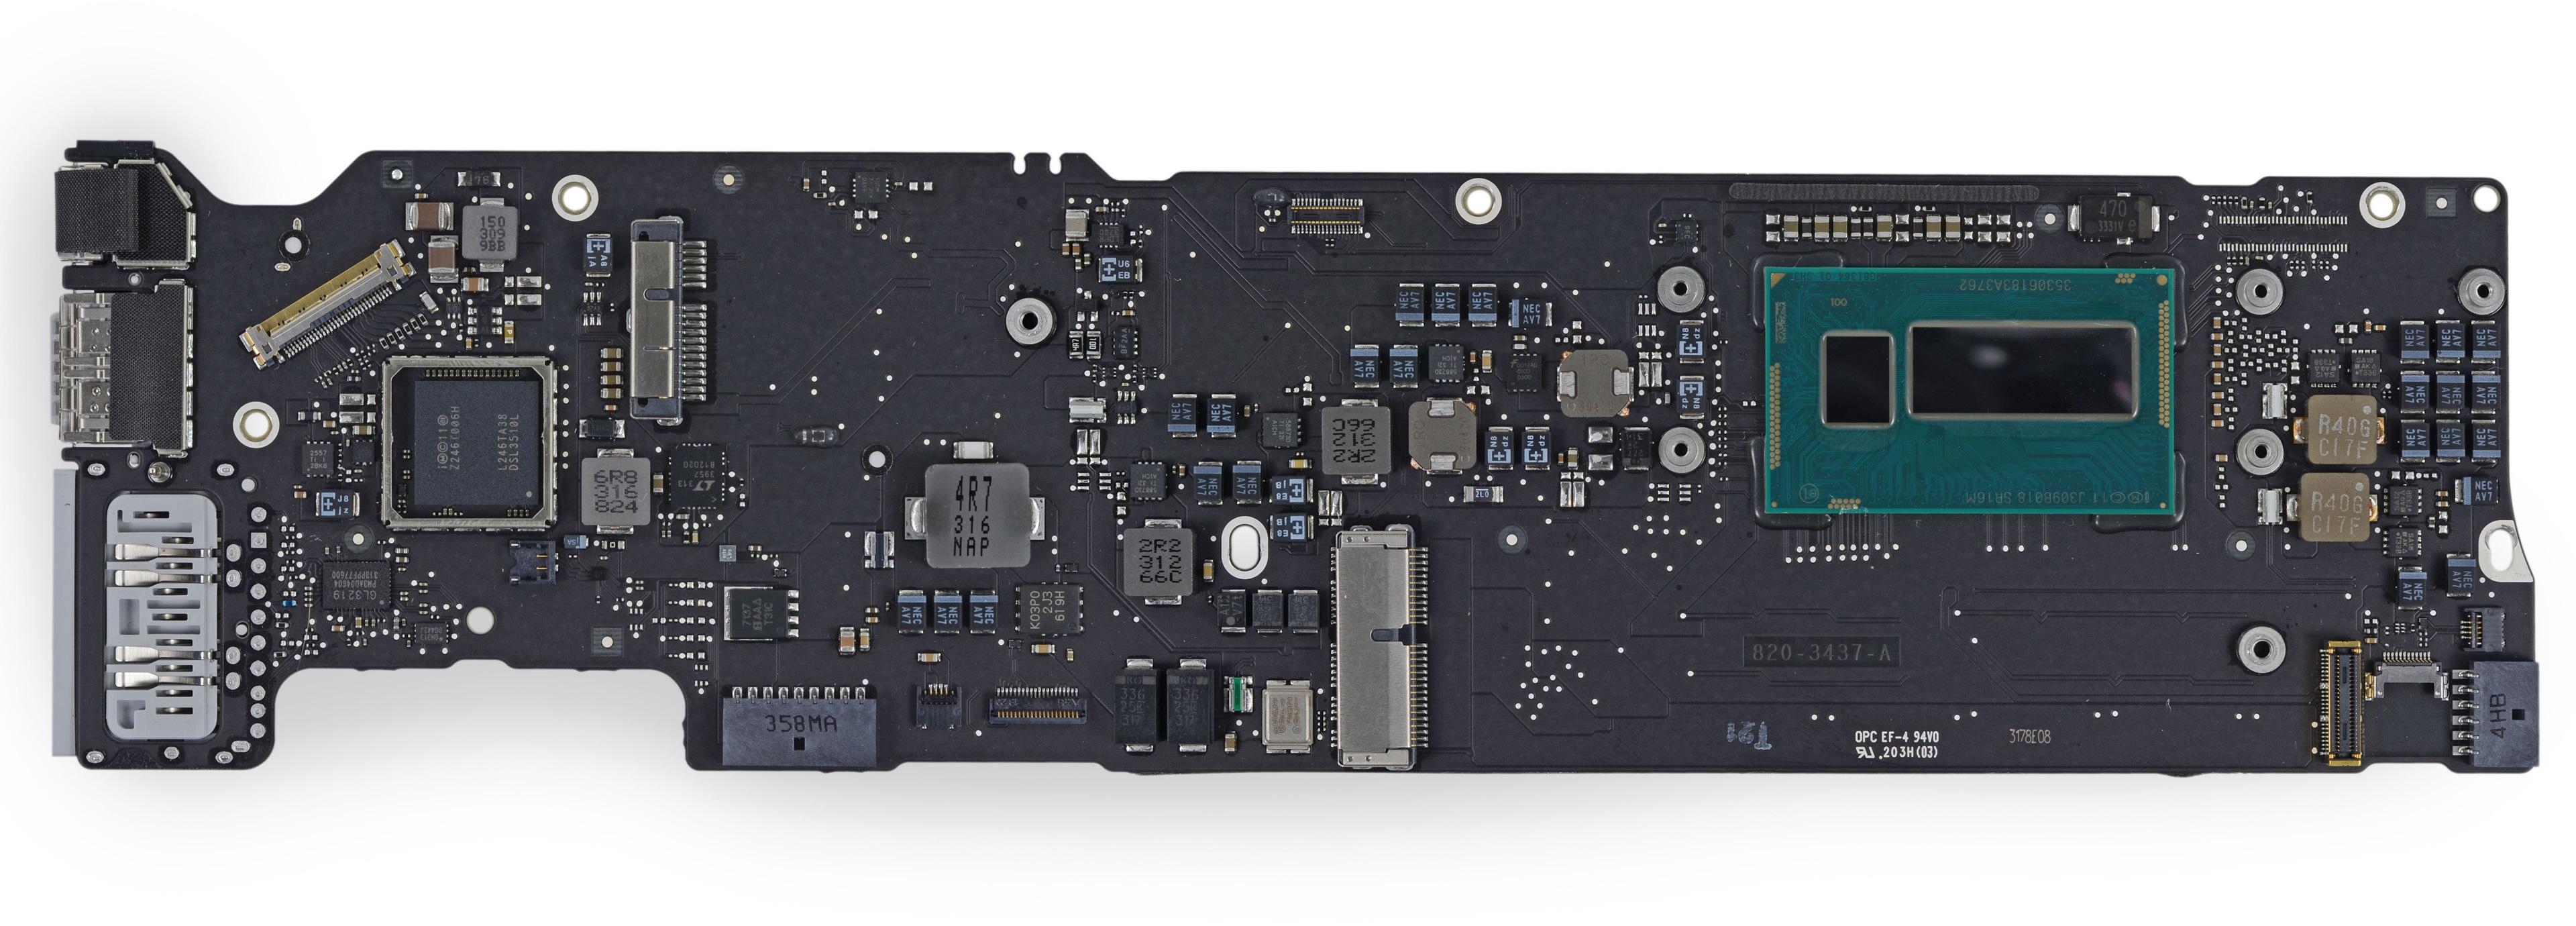 Une carte mère avec processeur Core i5 ULV intégrant le Southbridge dans le packaging du processeur